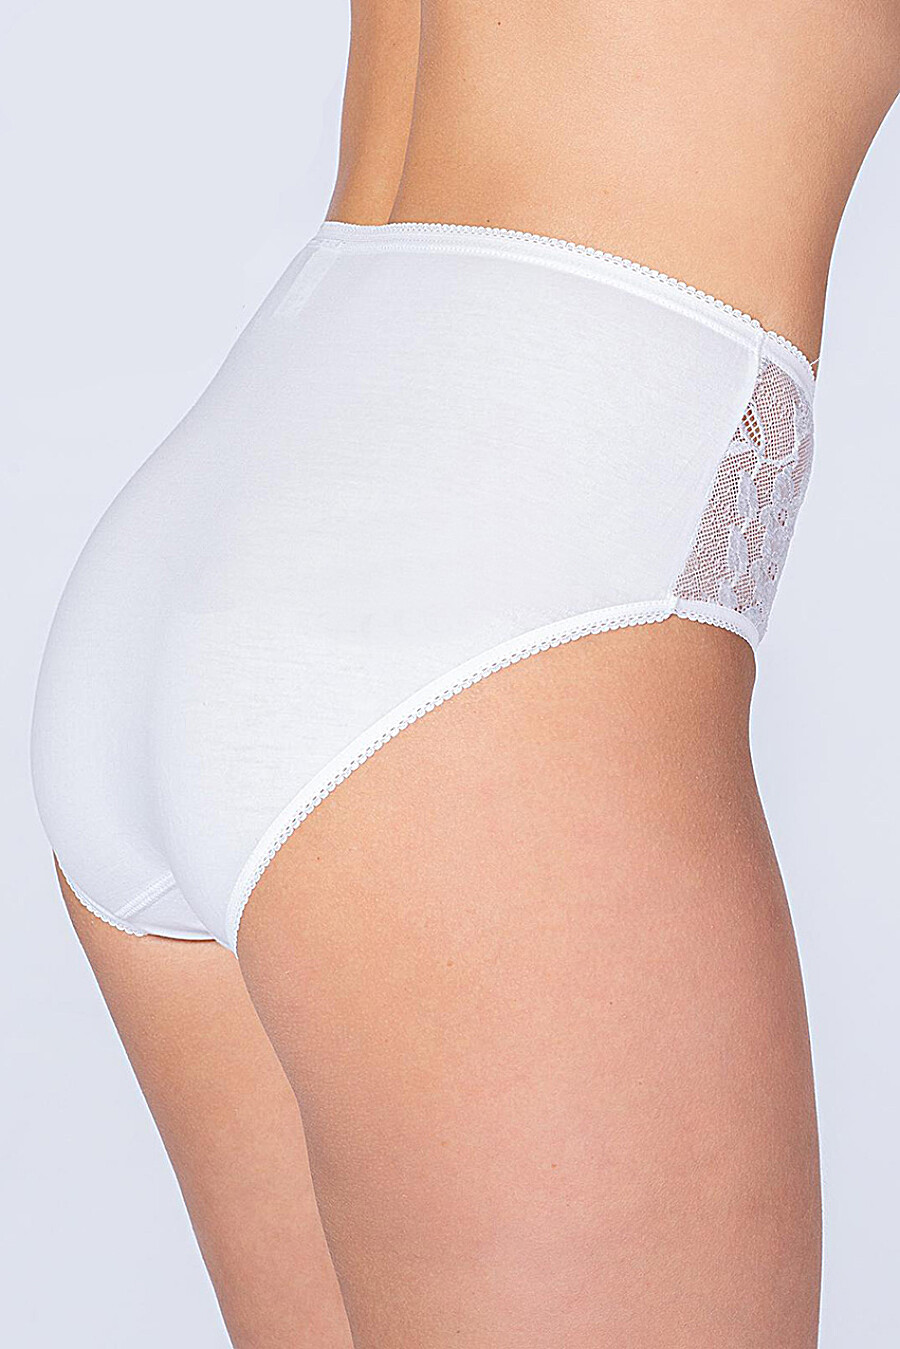 Трусы для женщин MINIMI 272755 купить оптом от производителя. Совместная покупка женской одежды в OptMoyo